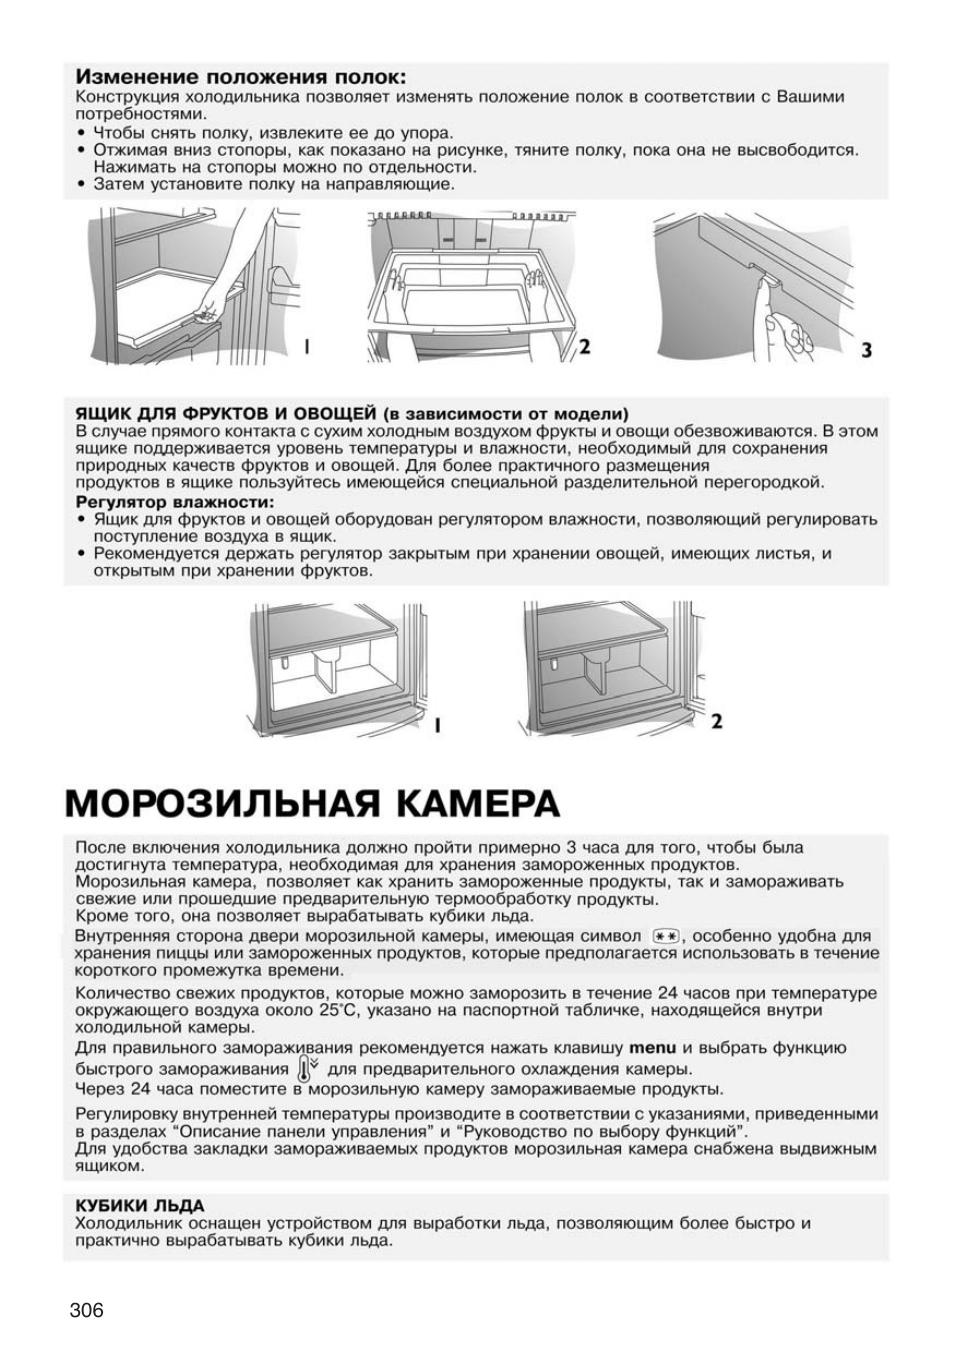 whirlpool 9571 л холодильник инструкция